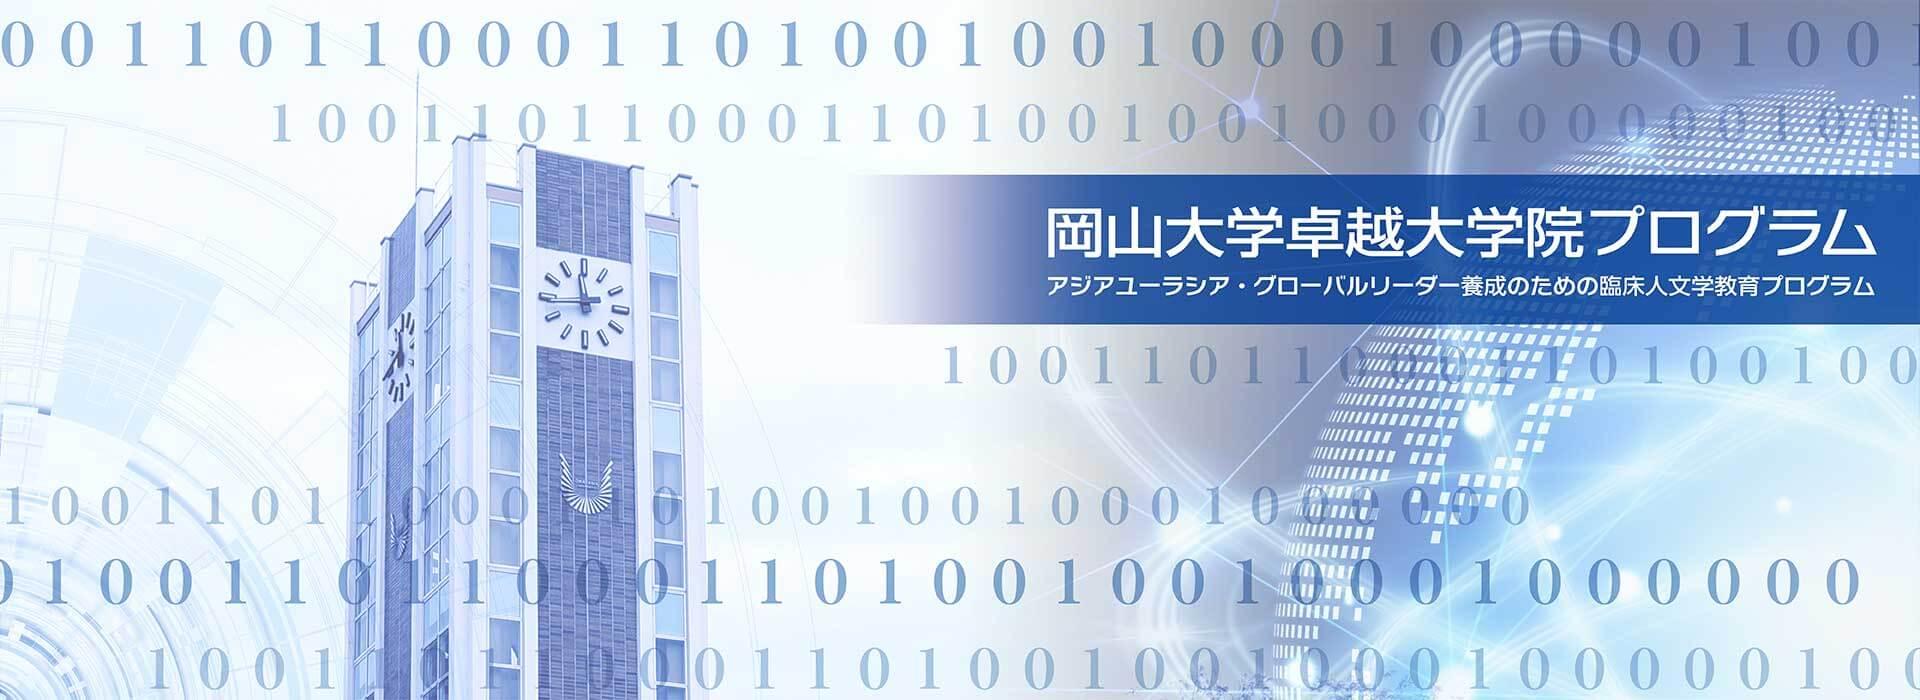 岡山大学卓越大学院プログラム アジアユーラシア・グローバルリーダー養成のための臨床人文学教育プログラム